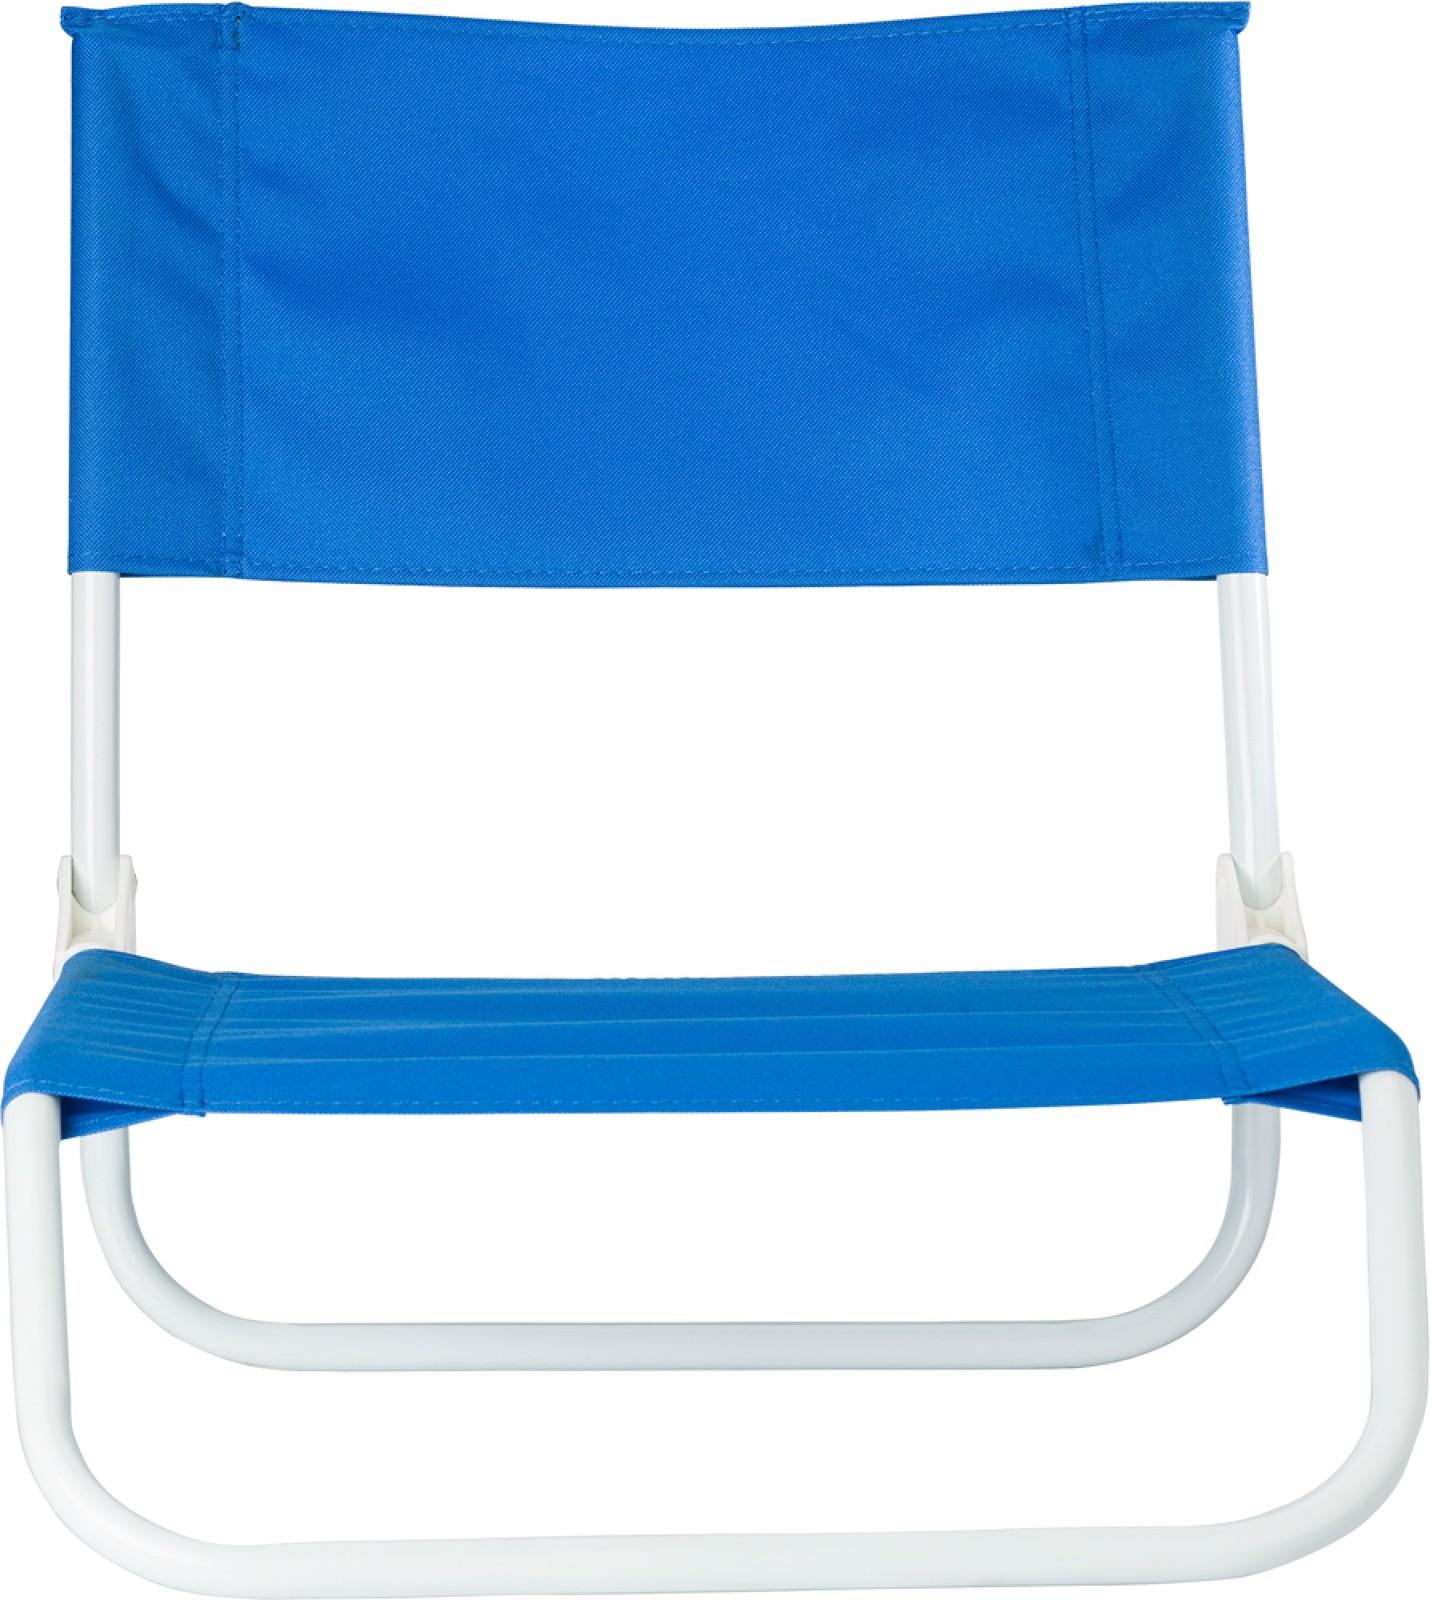 PVC beach chair - Cobalt Blue